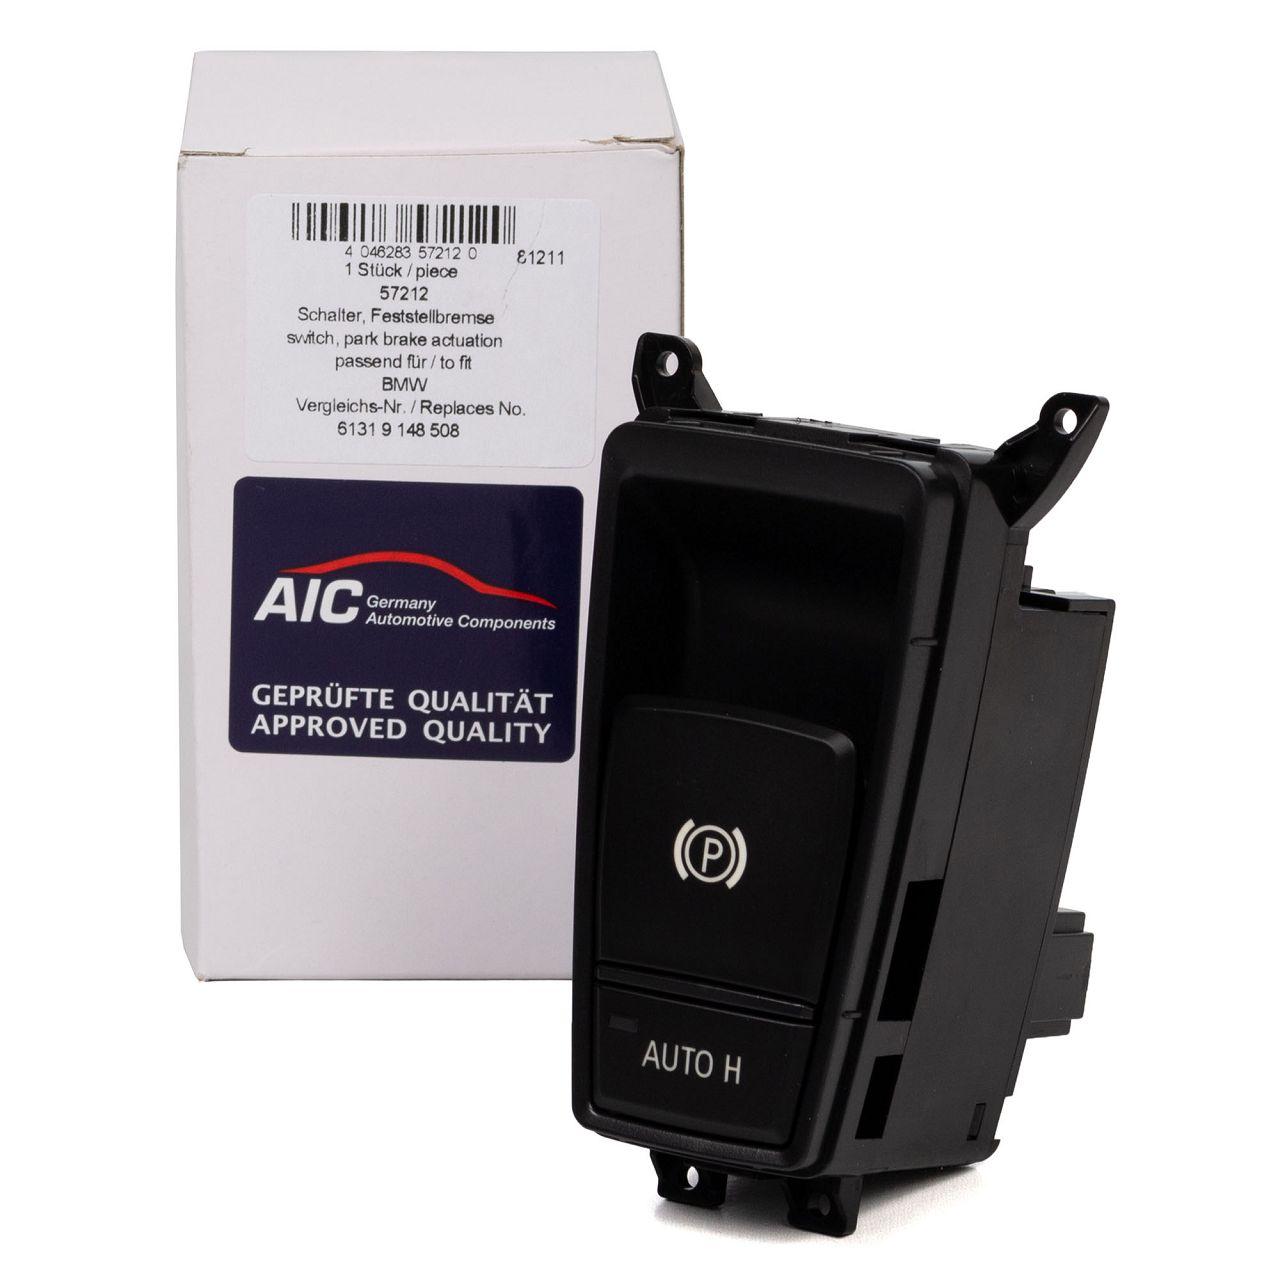 AIC Schalter Taster für elektr. Feststellbremse Handbremse BMW X5 E70 X6 E71 E72